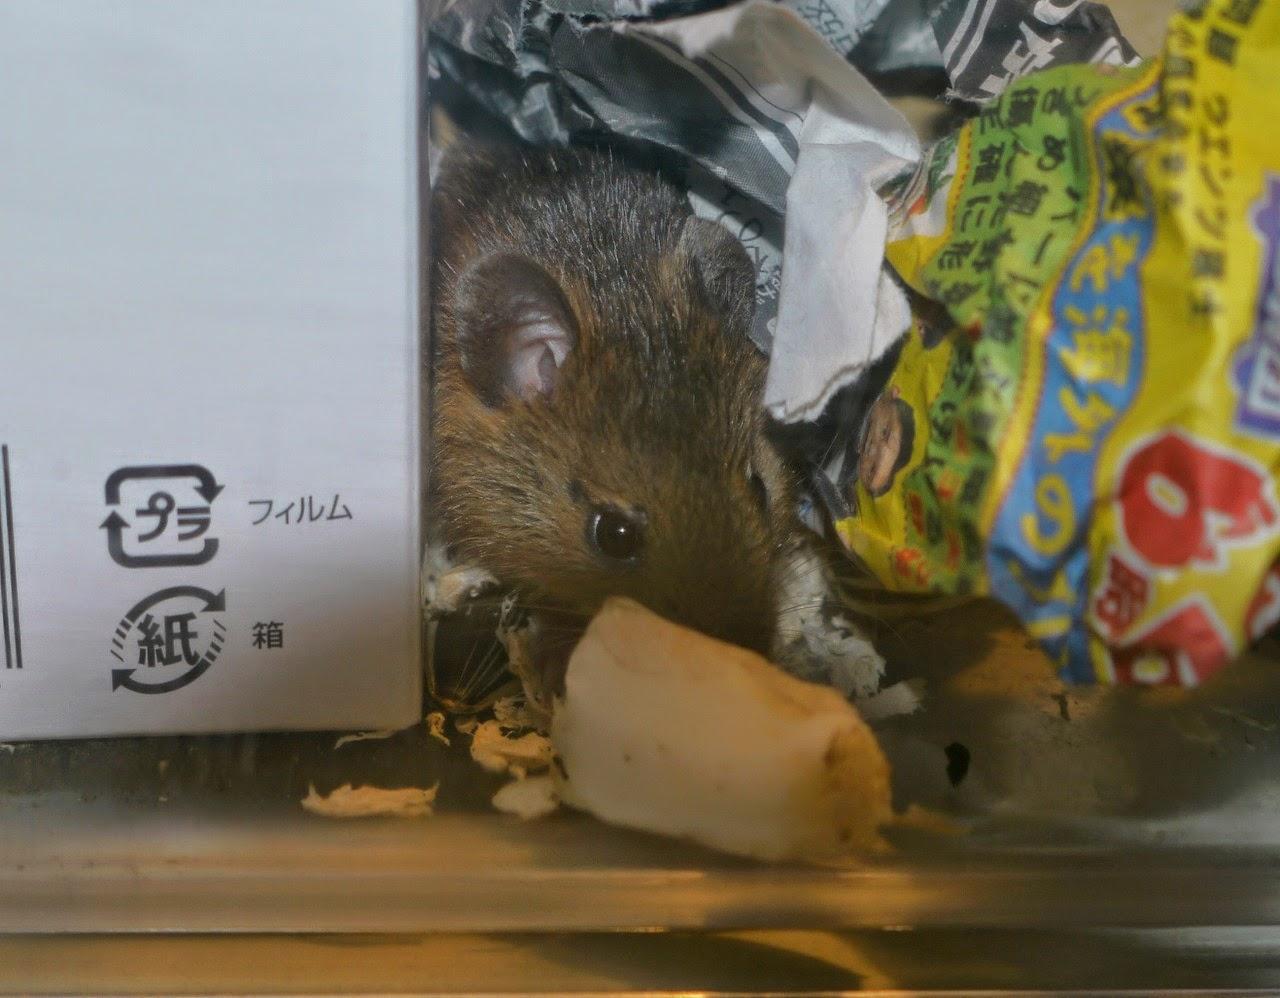 ハタネズミの画像 p1_10